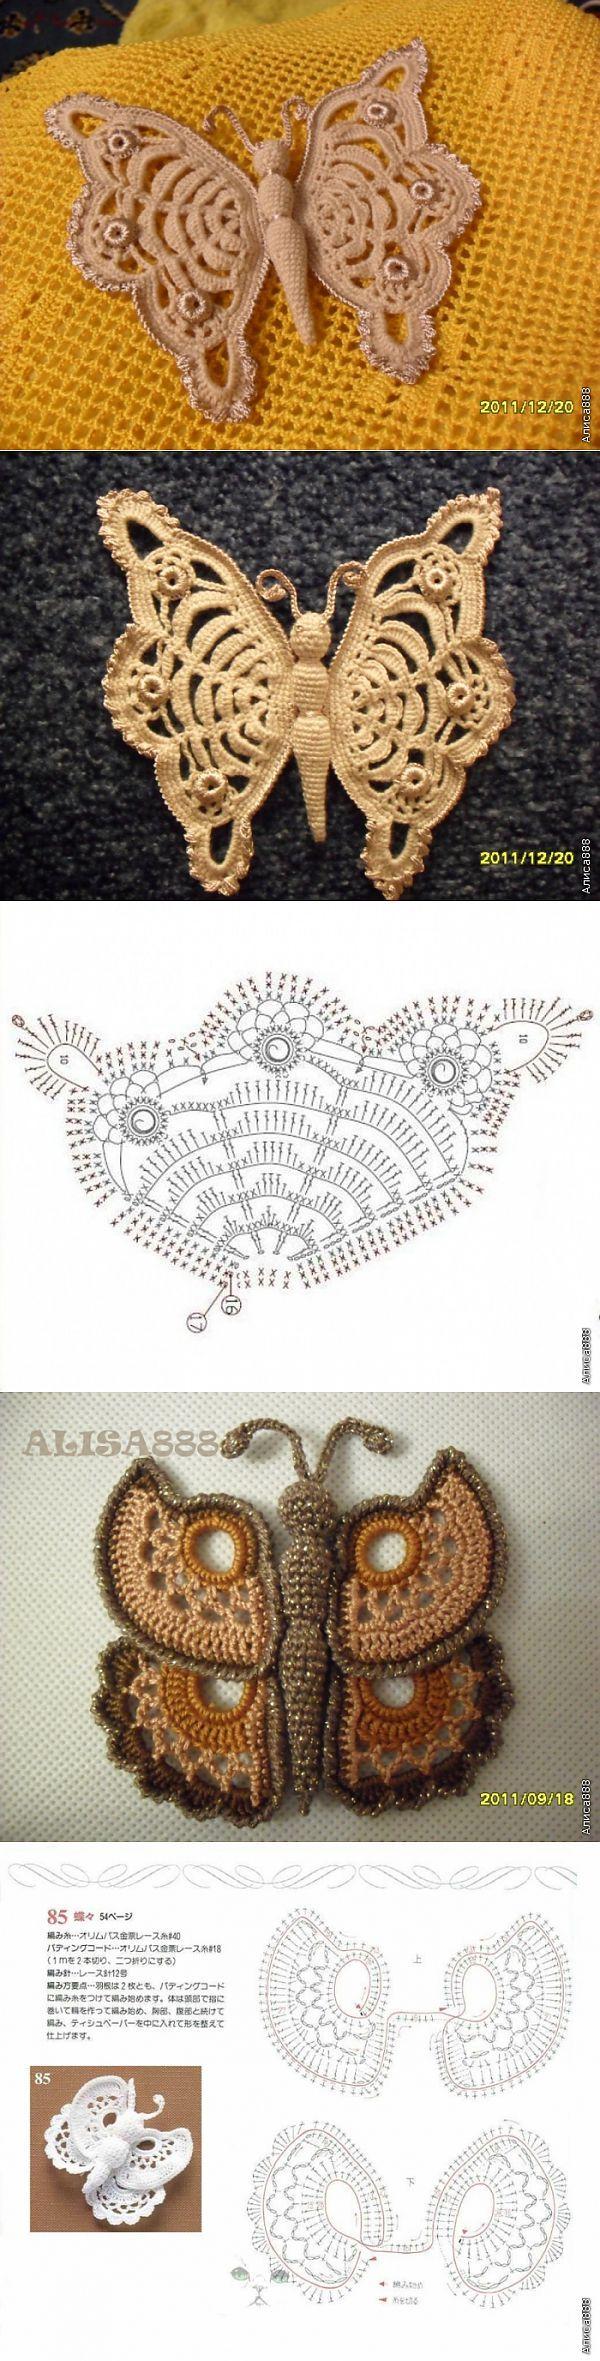 Любимые вязаные штучки. | Mariposas, Ganchillo y Tejido